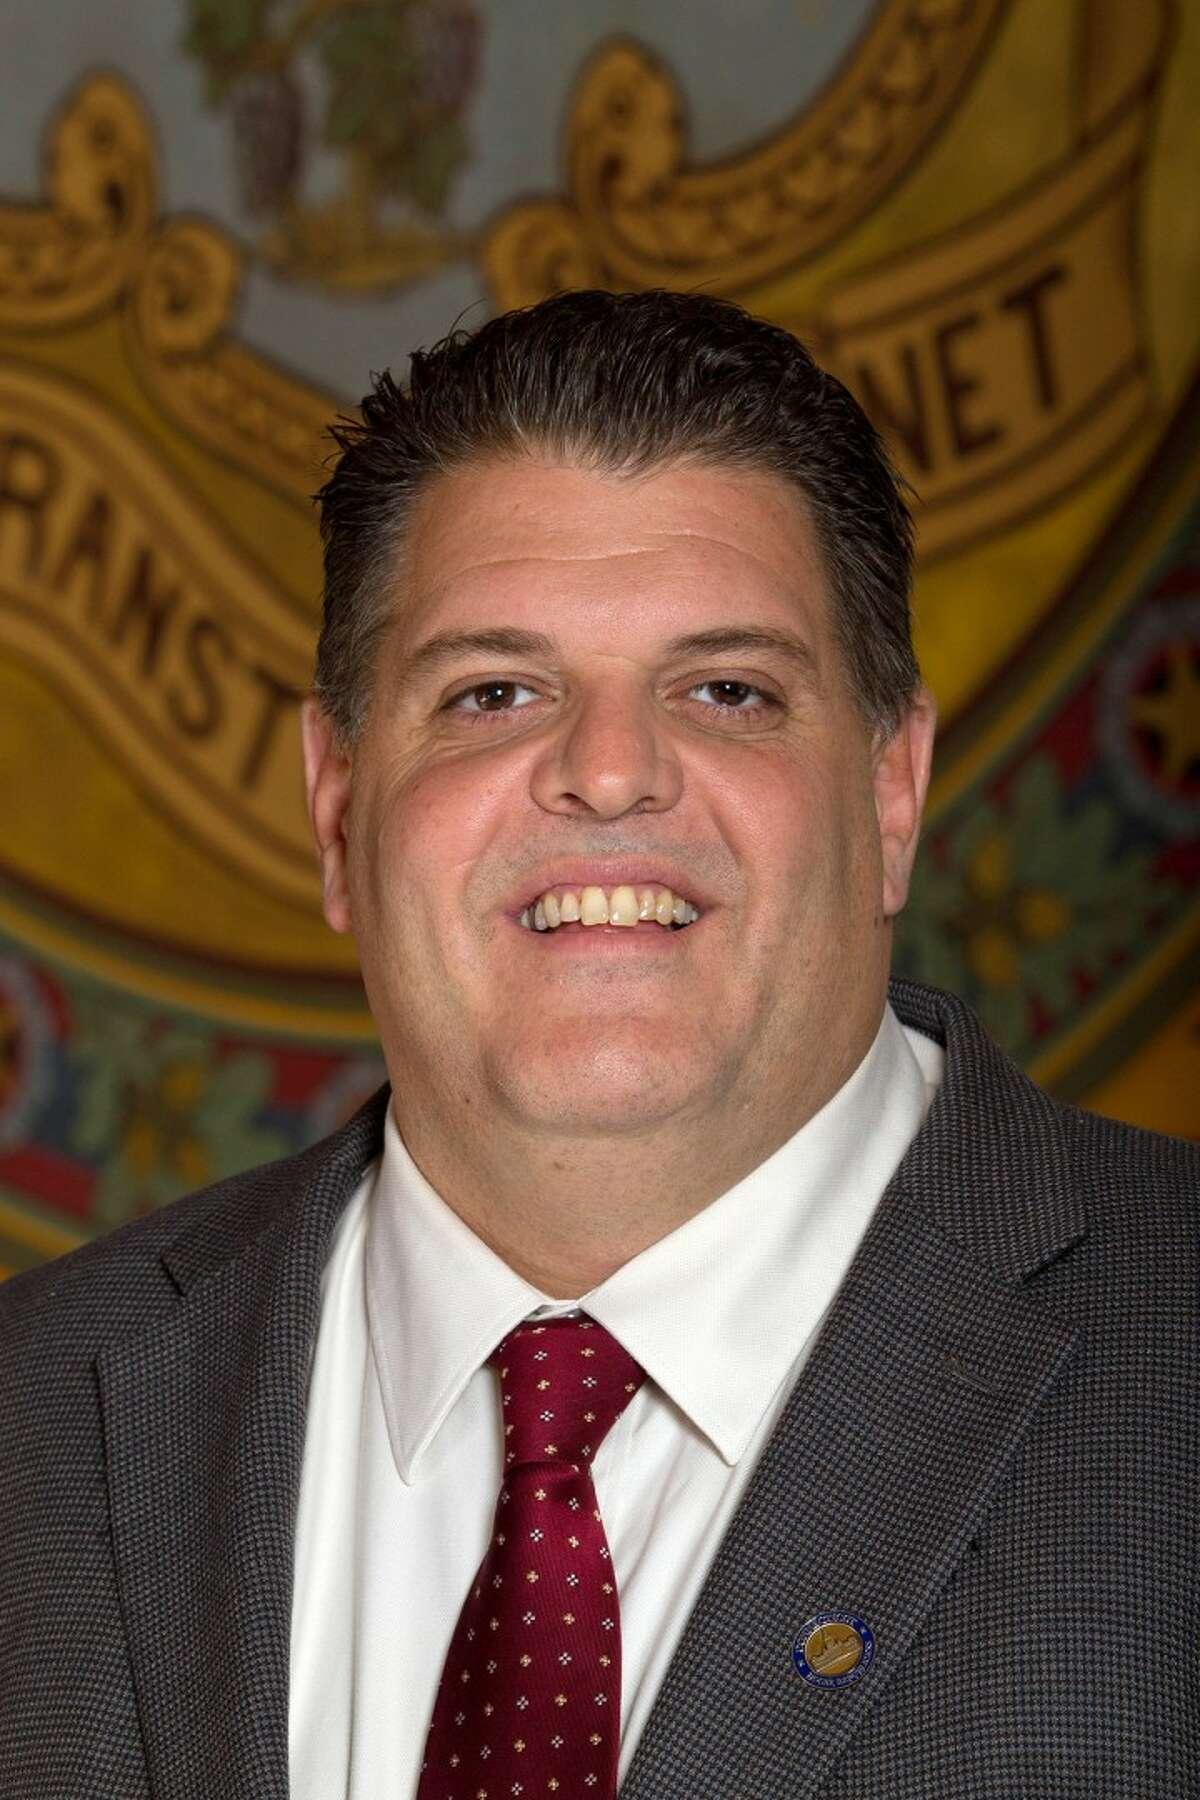 State Rep. David Rutigliano.